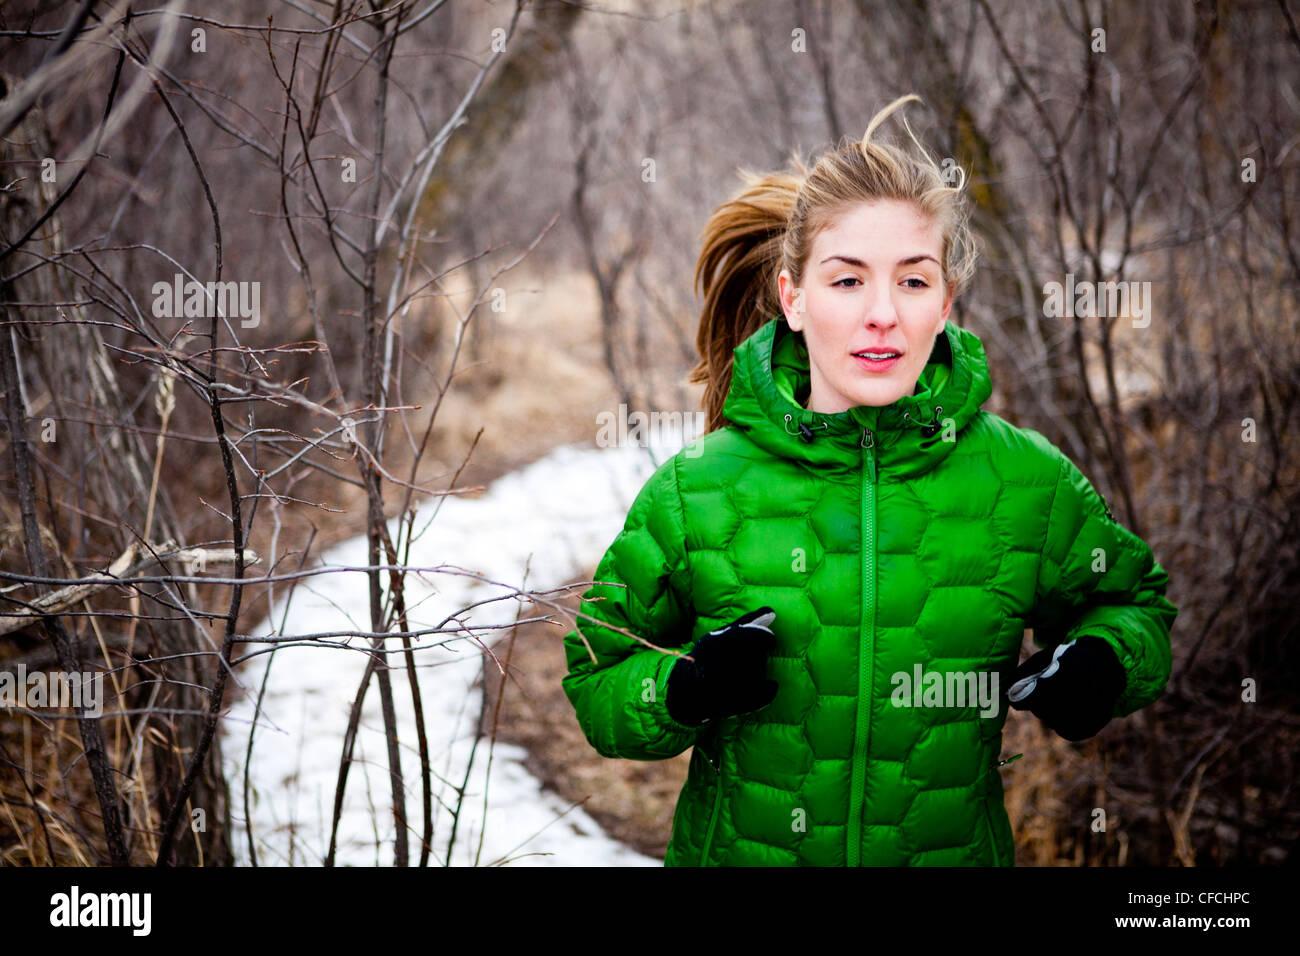 Una joven mujer corre a lo largo de un camino cubierto de nieve a través de deshojado árboles caducifolios, Imagen De Stock